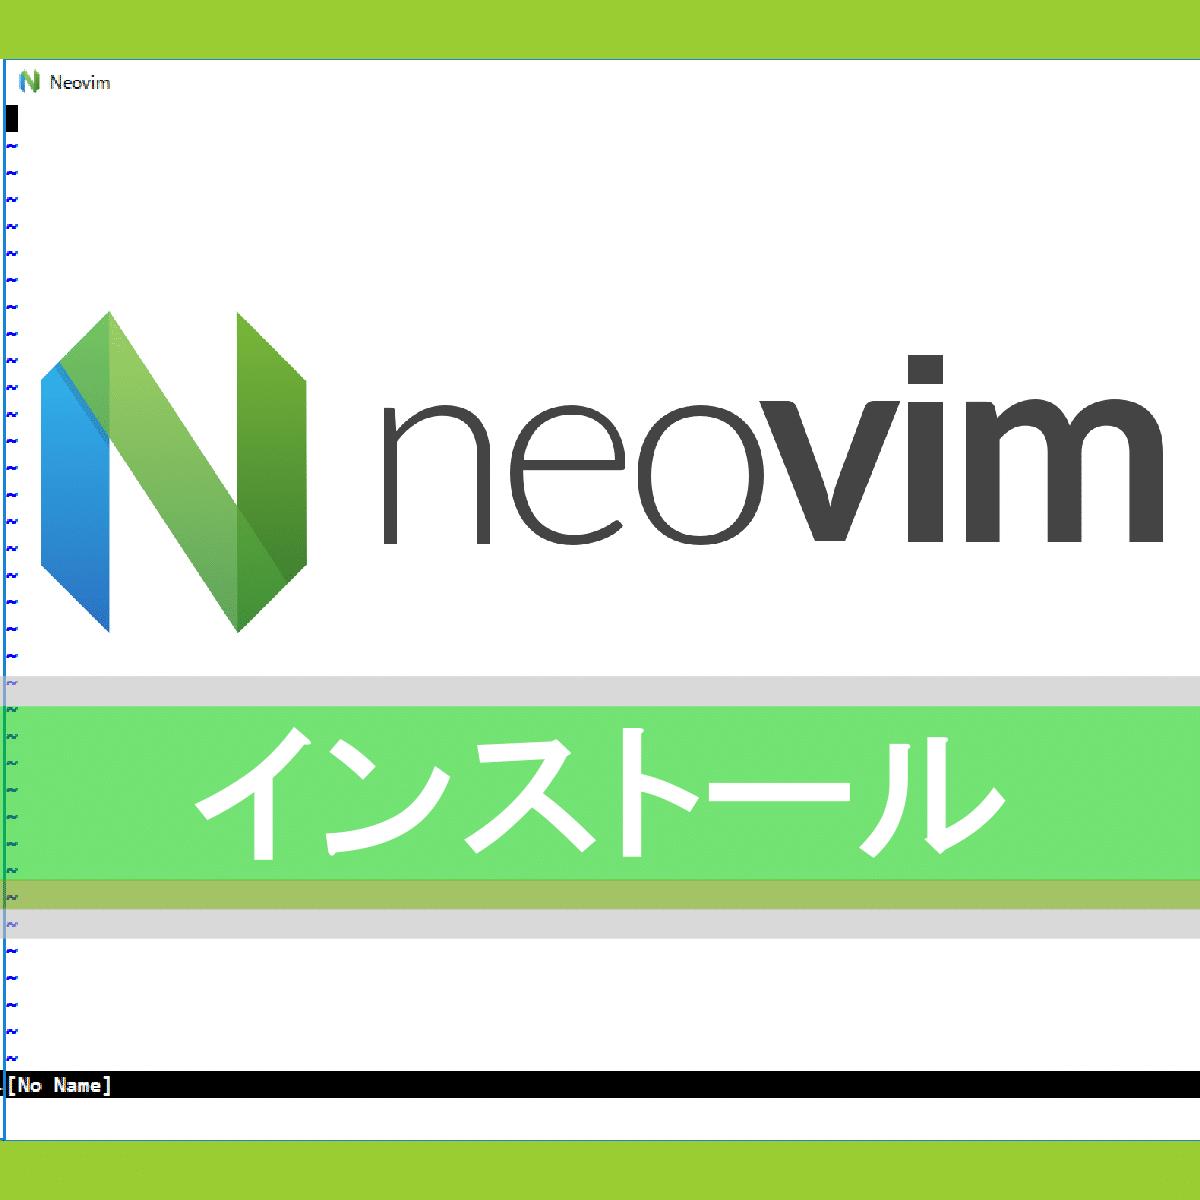 アイキャッチ:NeoVim を Windows 10 にインストールする方法